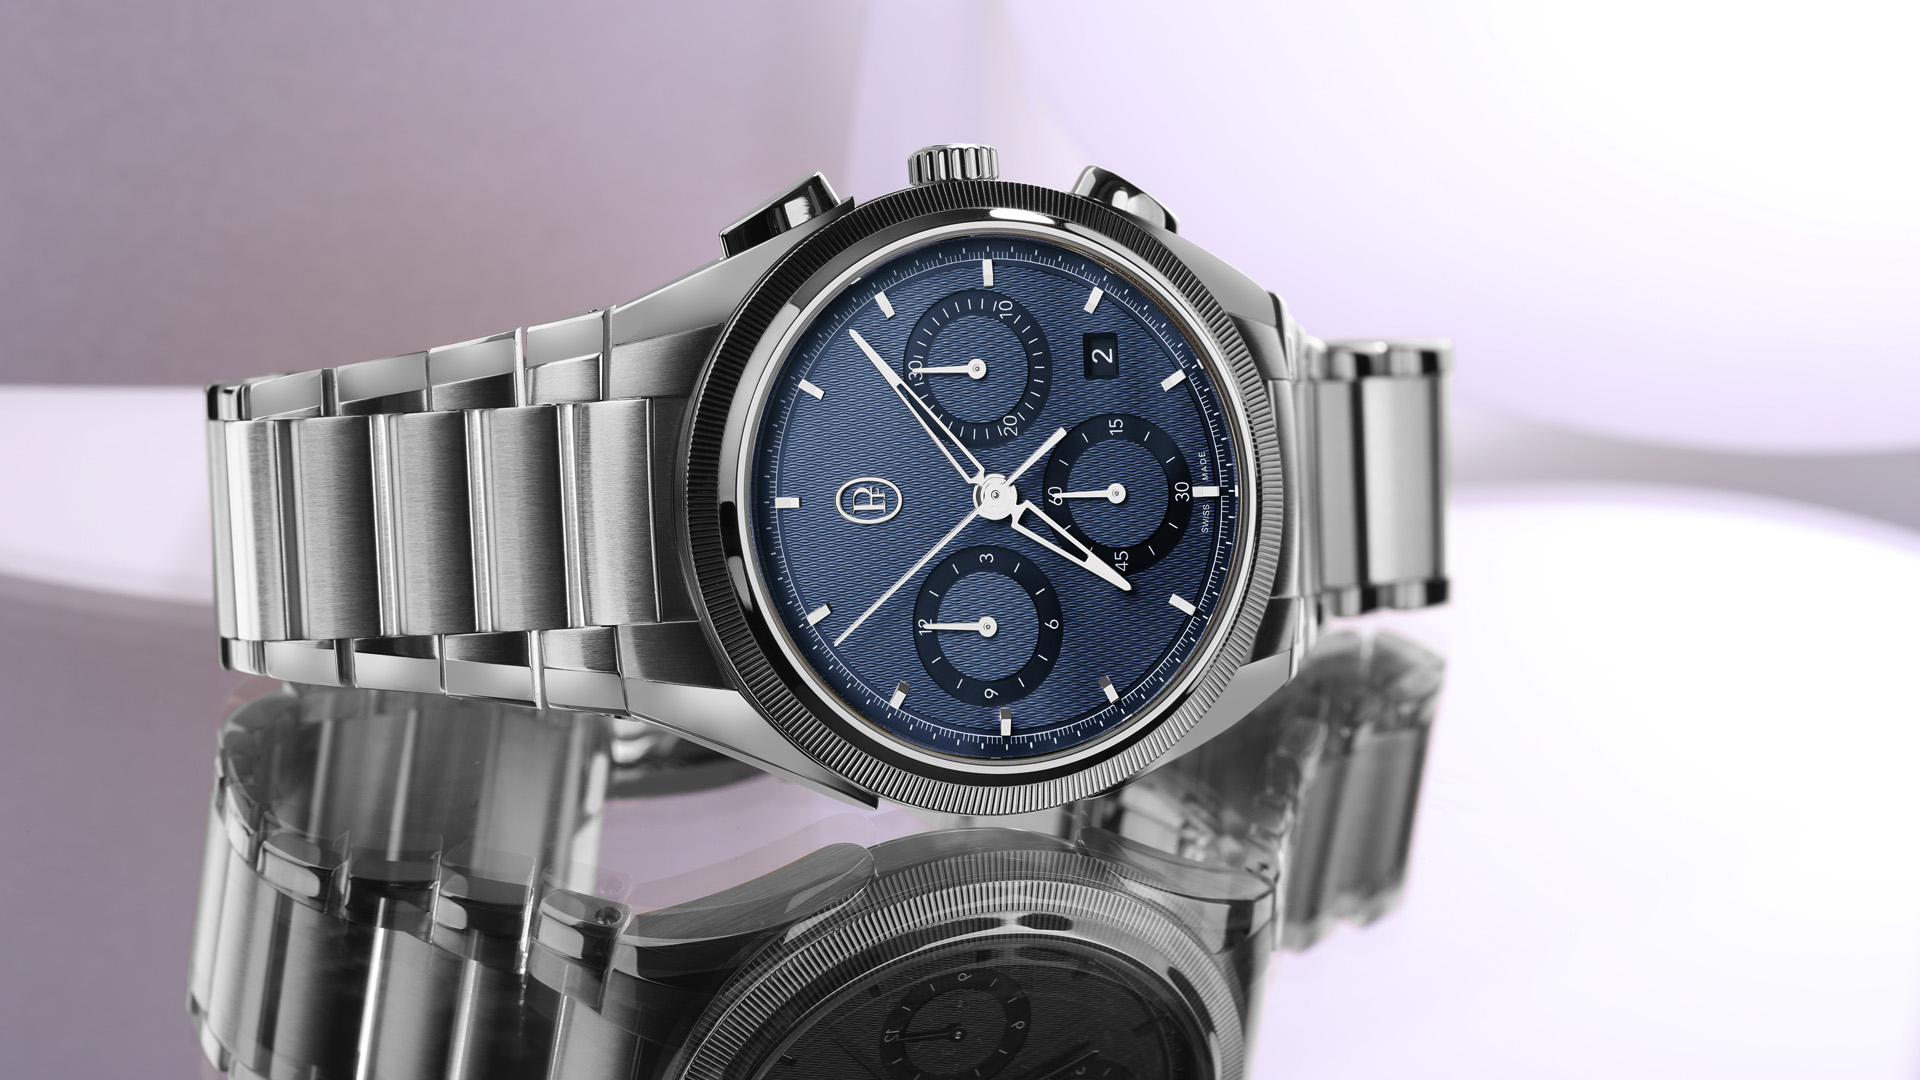 ساعات توندا بي إف Tonda PF Chronograph الجديدة تجسد مفهوم أناقة الوقت السويسري